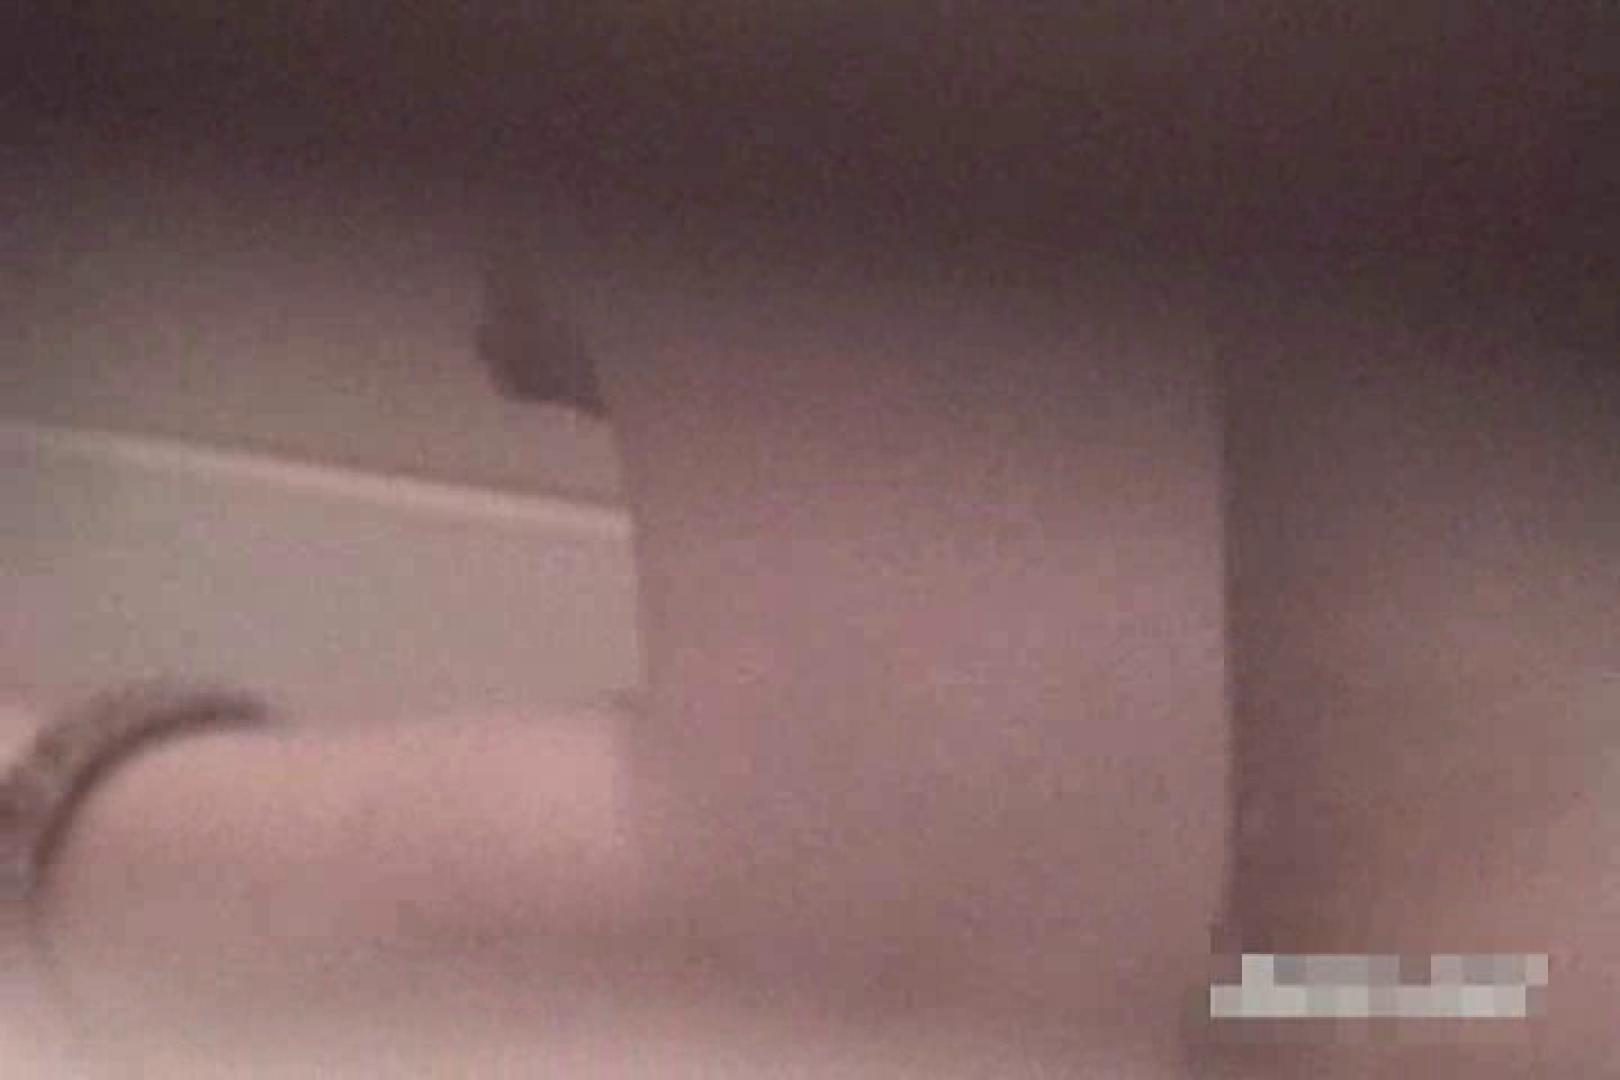 深夜の撮影会Vol.4 美しいOLの裸体 すけべAV動画紹介 95pic 20